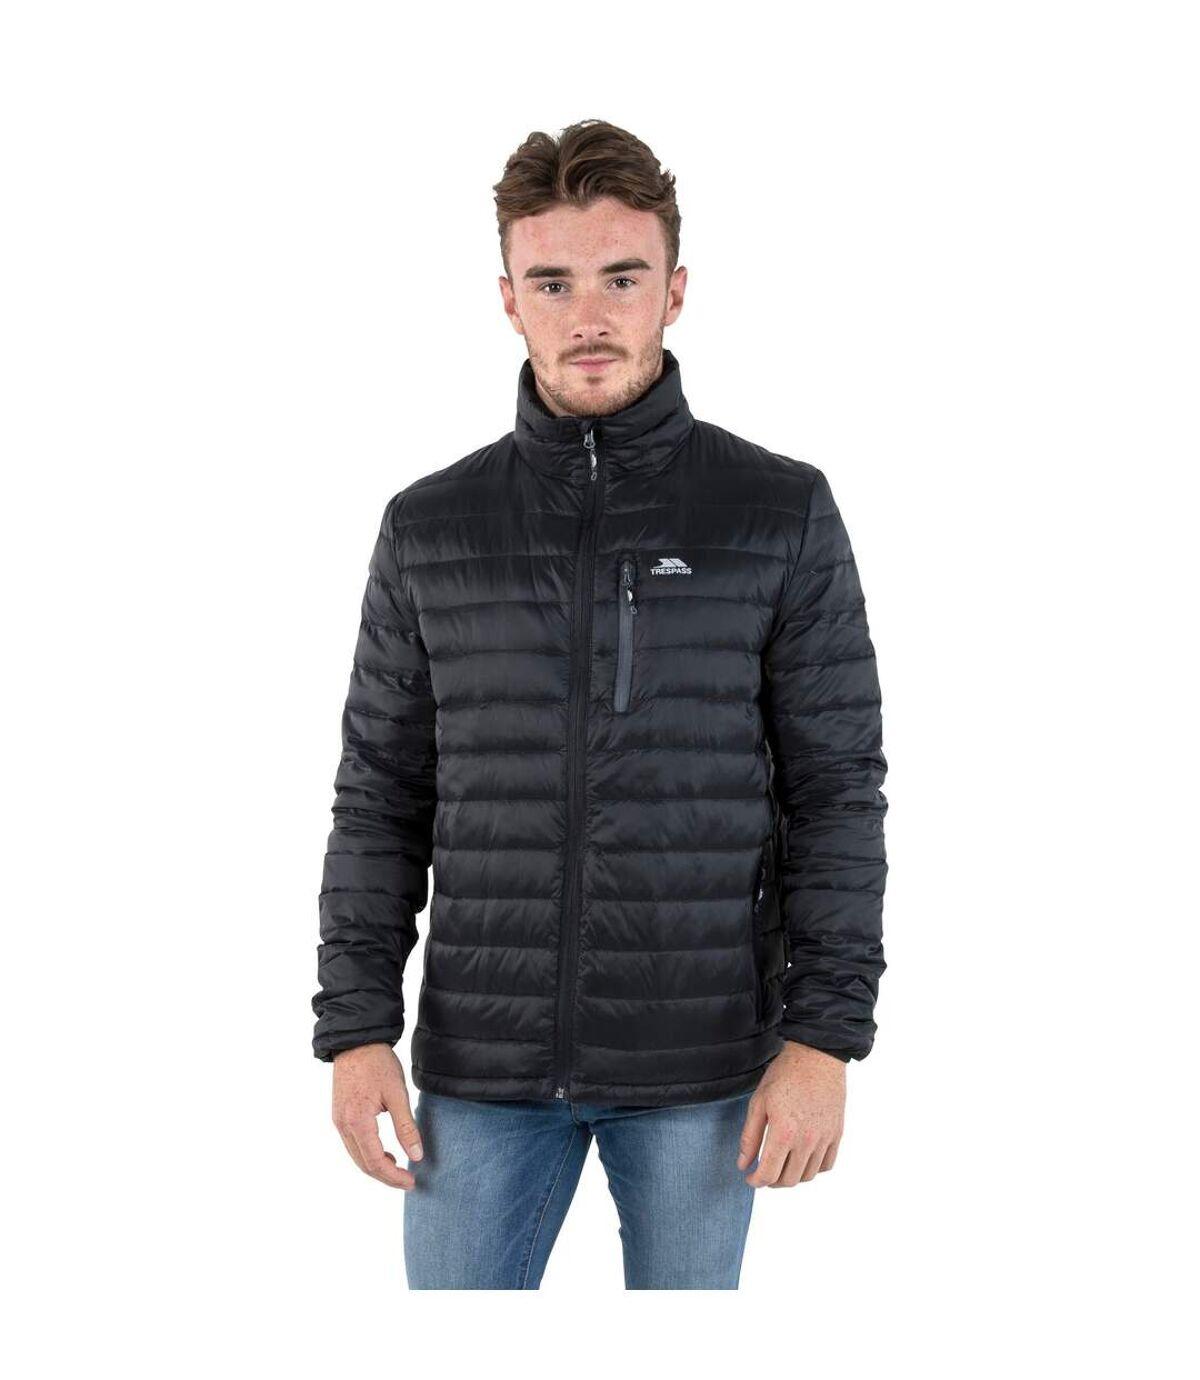 Trespass Mens Stellan Jacket (Black) - UTTP4250